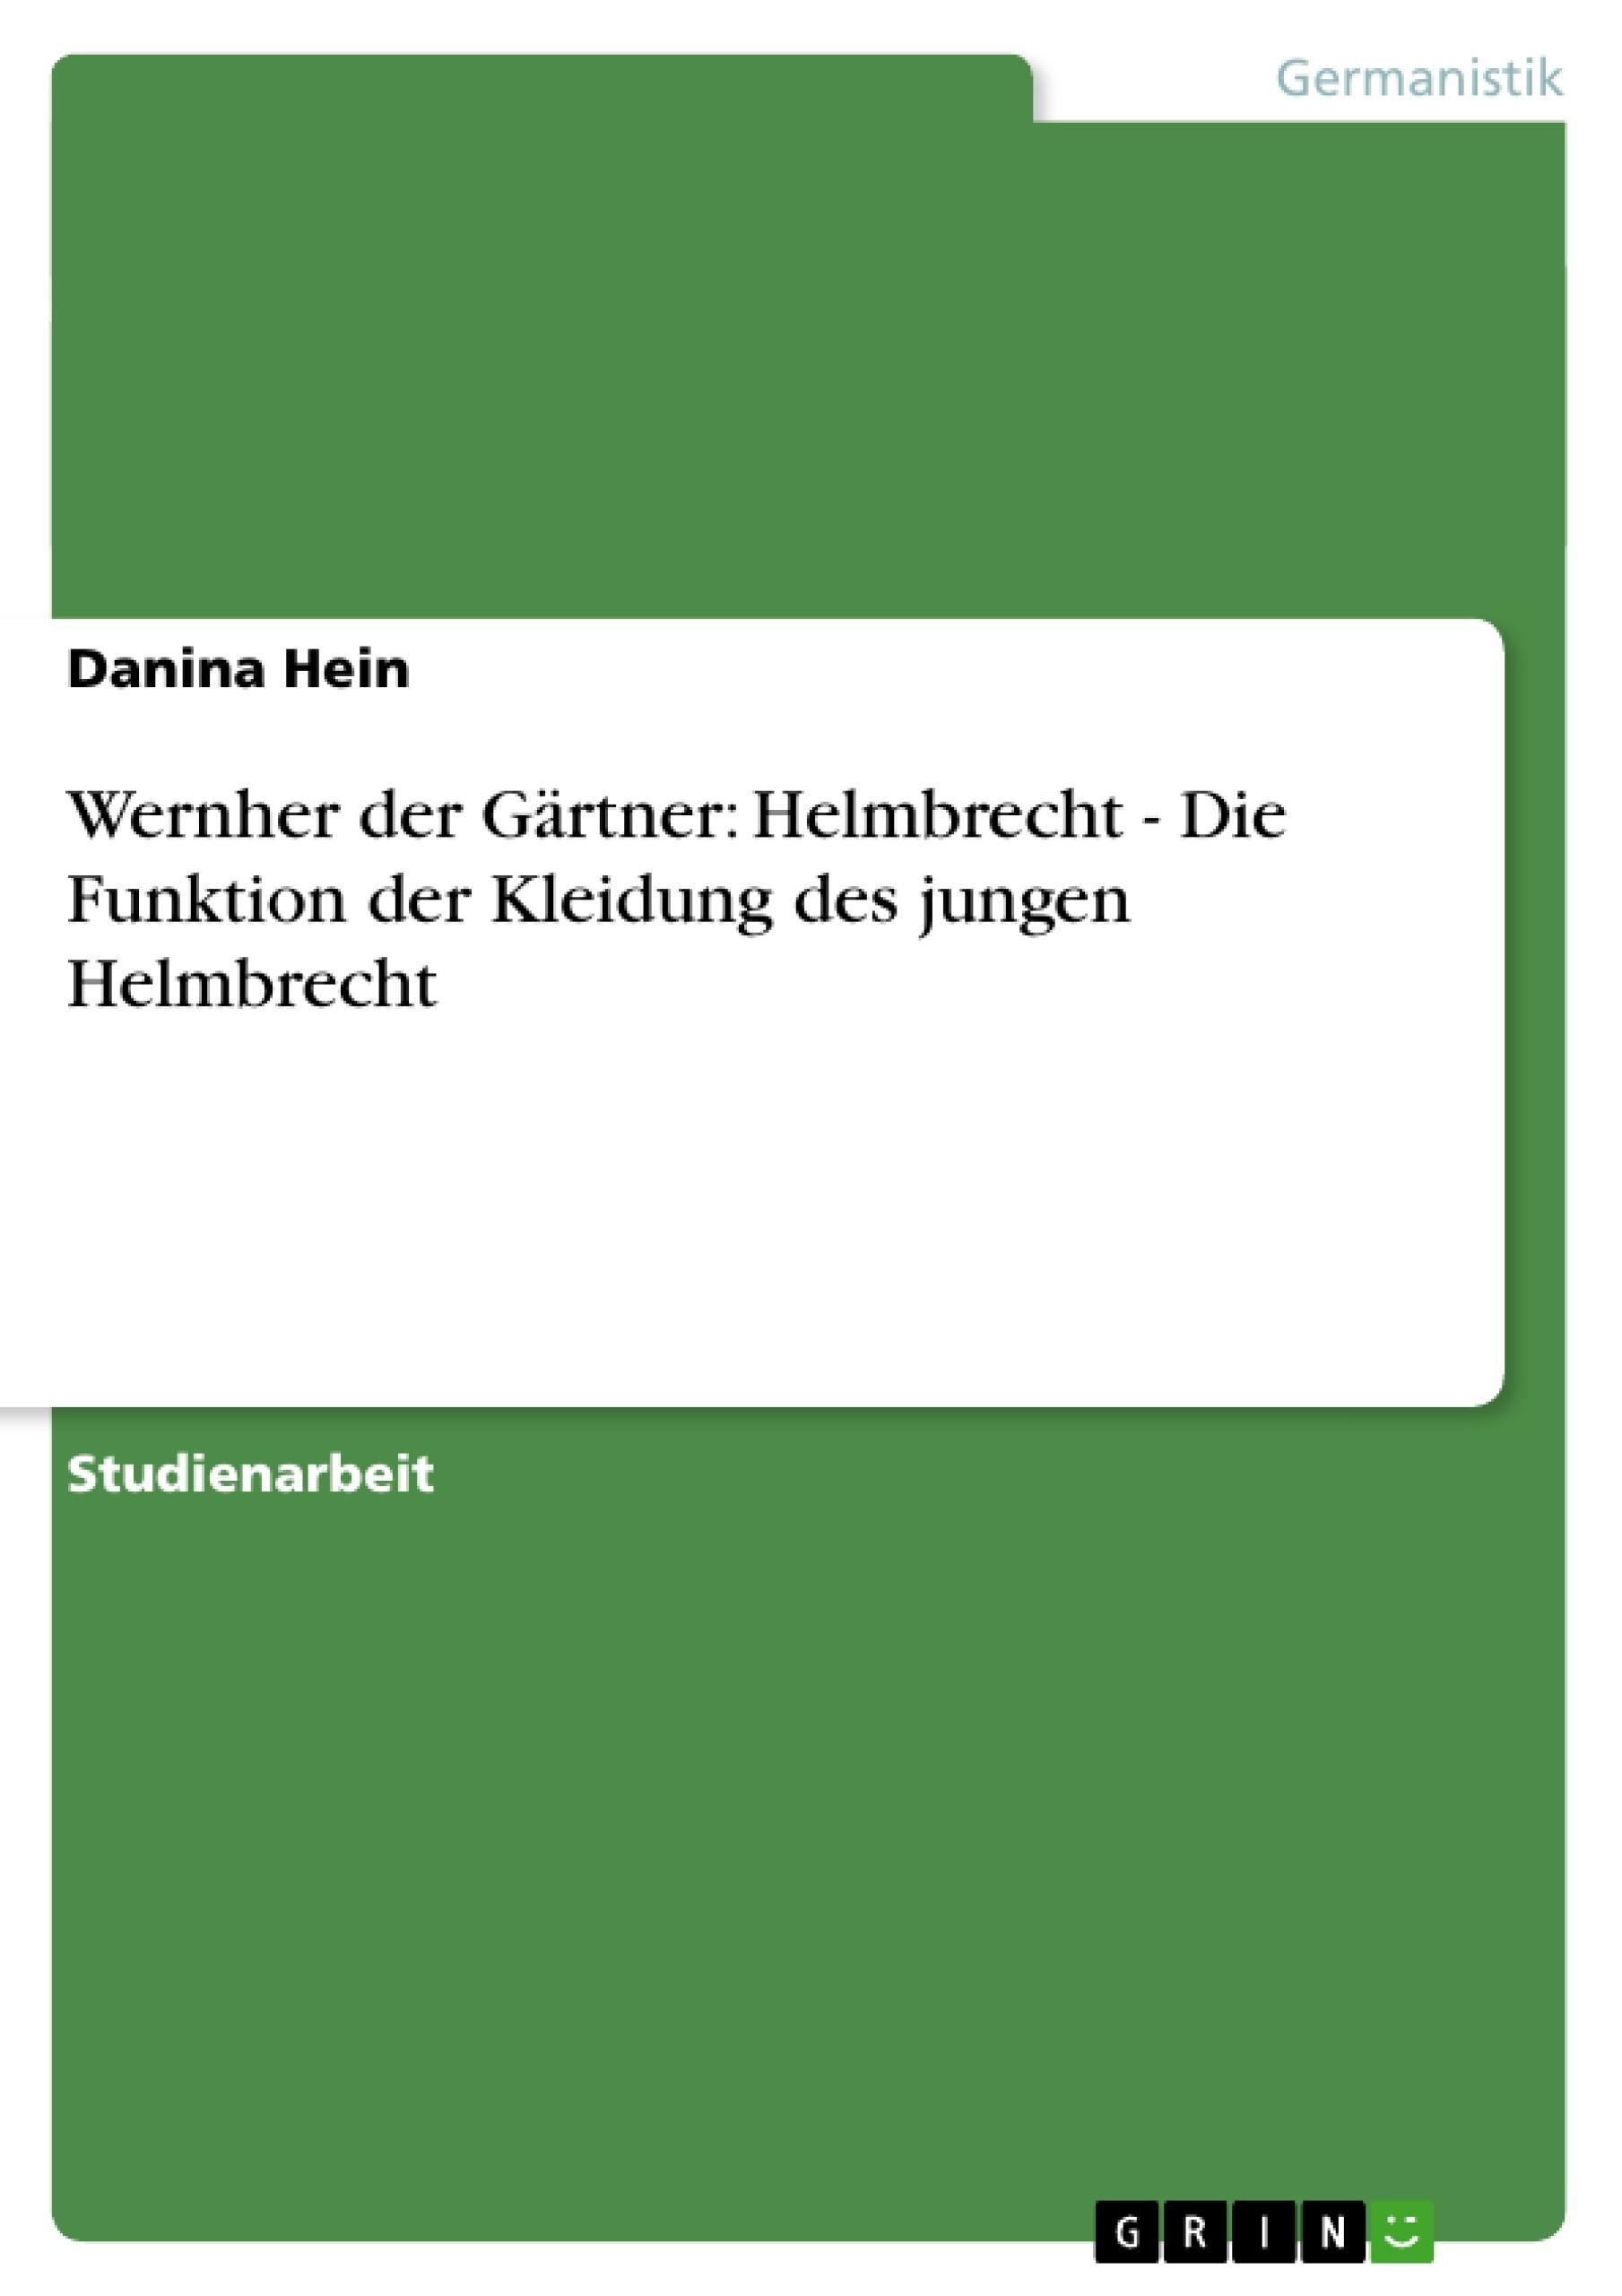 Titel: Wernher der Gärtner: Helmbrecht - Die Funktion der Kleidung des jungen Helmbrecht